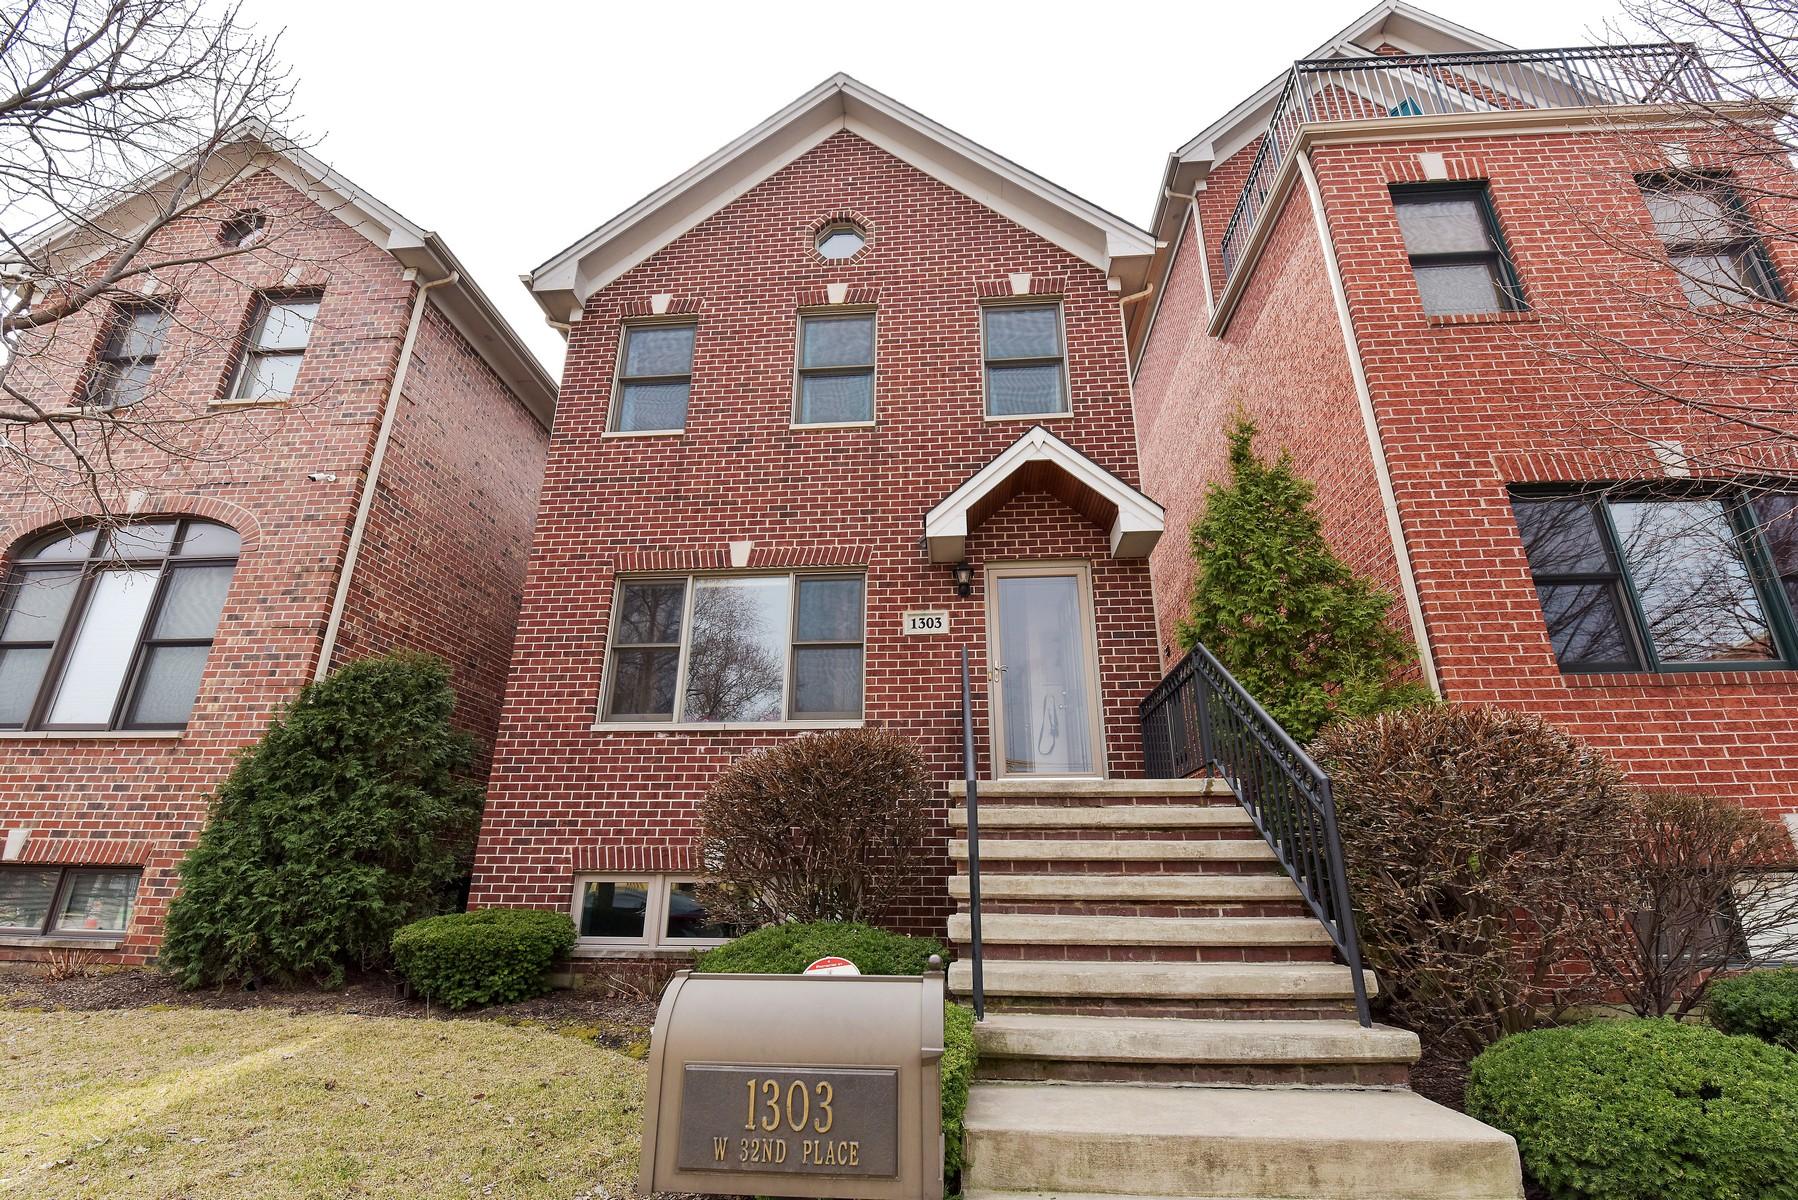 Maison unifamiliale pour l Vente à Beautiful Bridgeport Village Home 1303 W 32nd Place Bridgeport, Chicago, Illinois, 60608 États-Unis